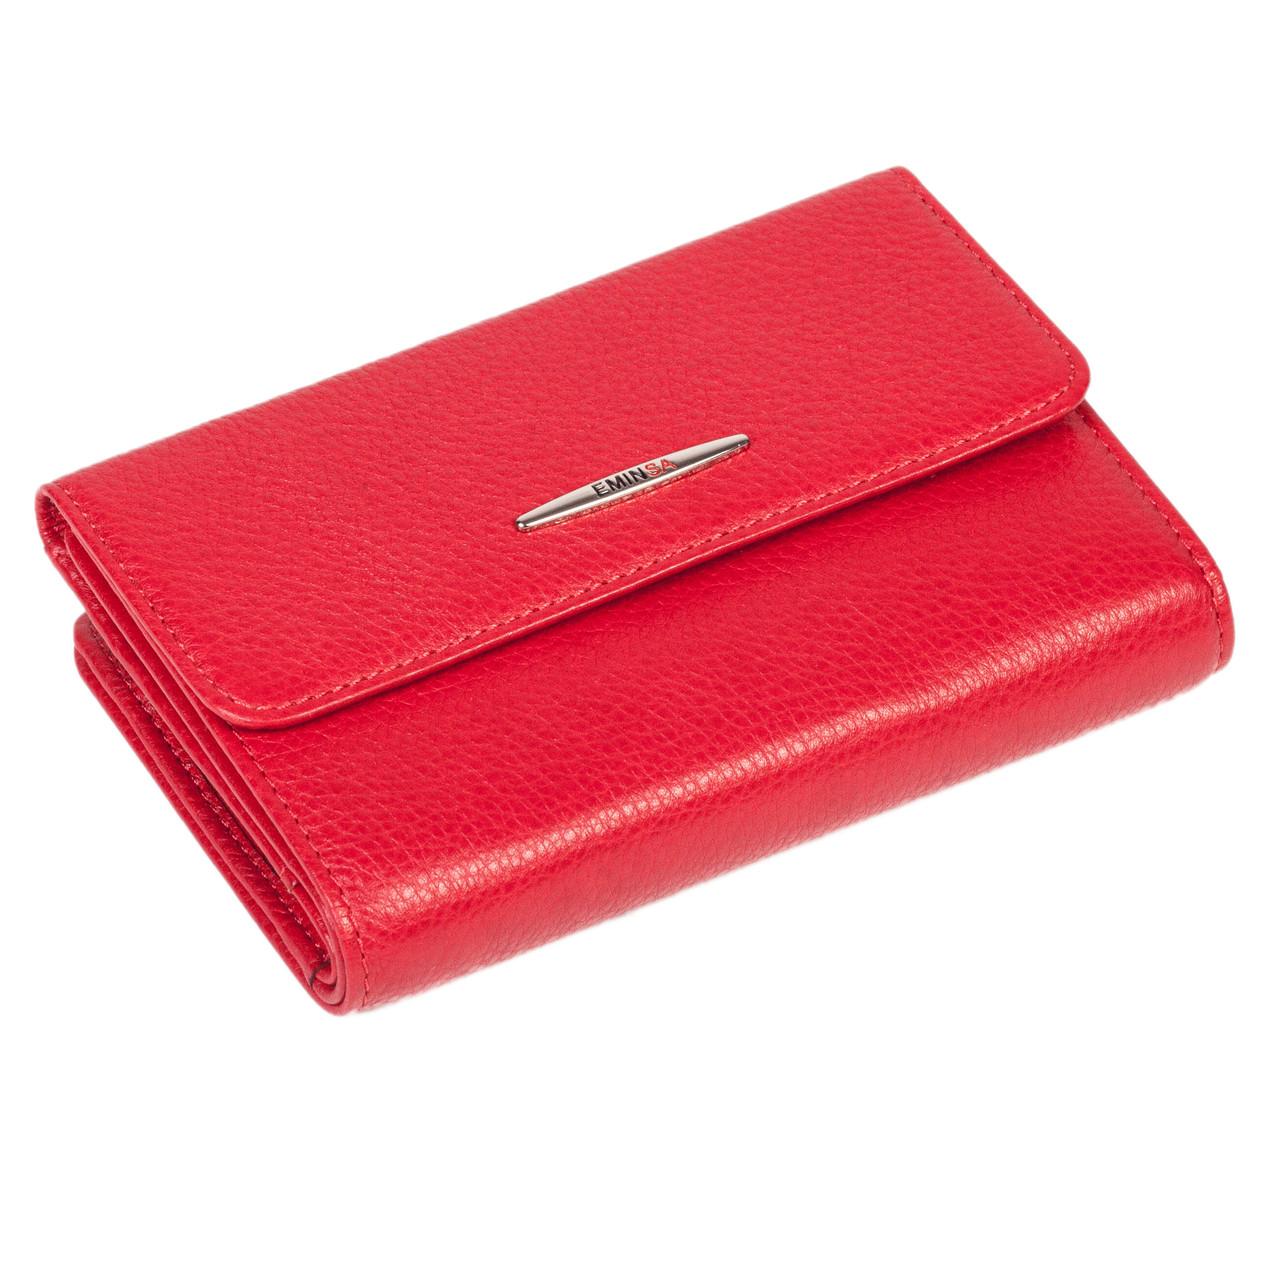 Жіночий гаманець Eminsa 2147-18-5 шкіряний червоний